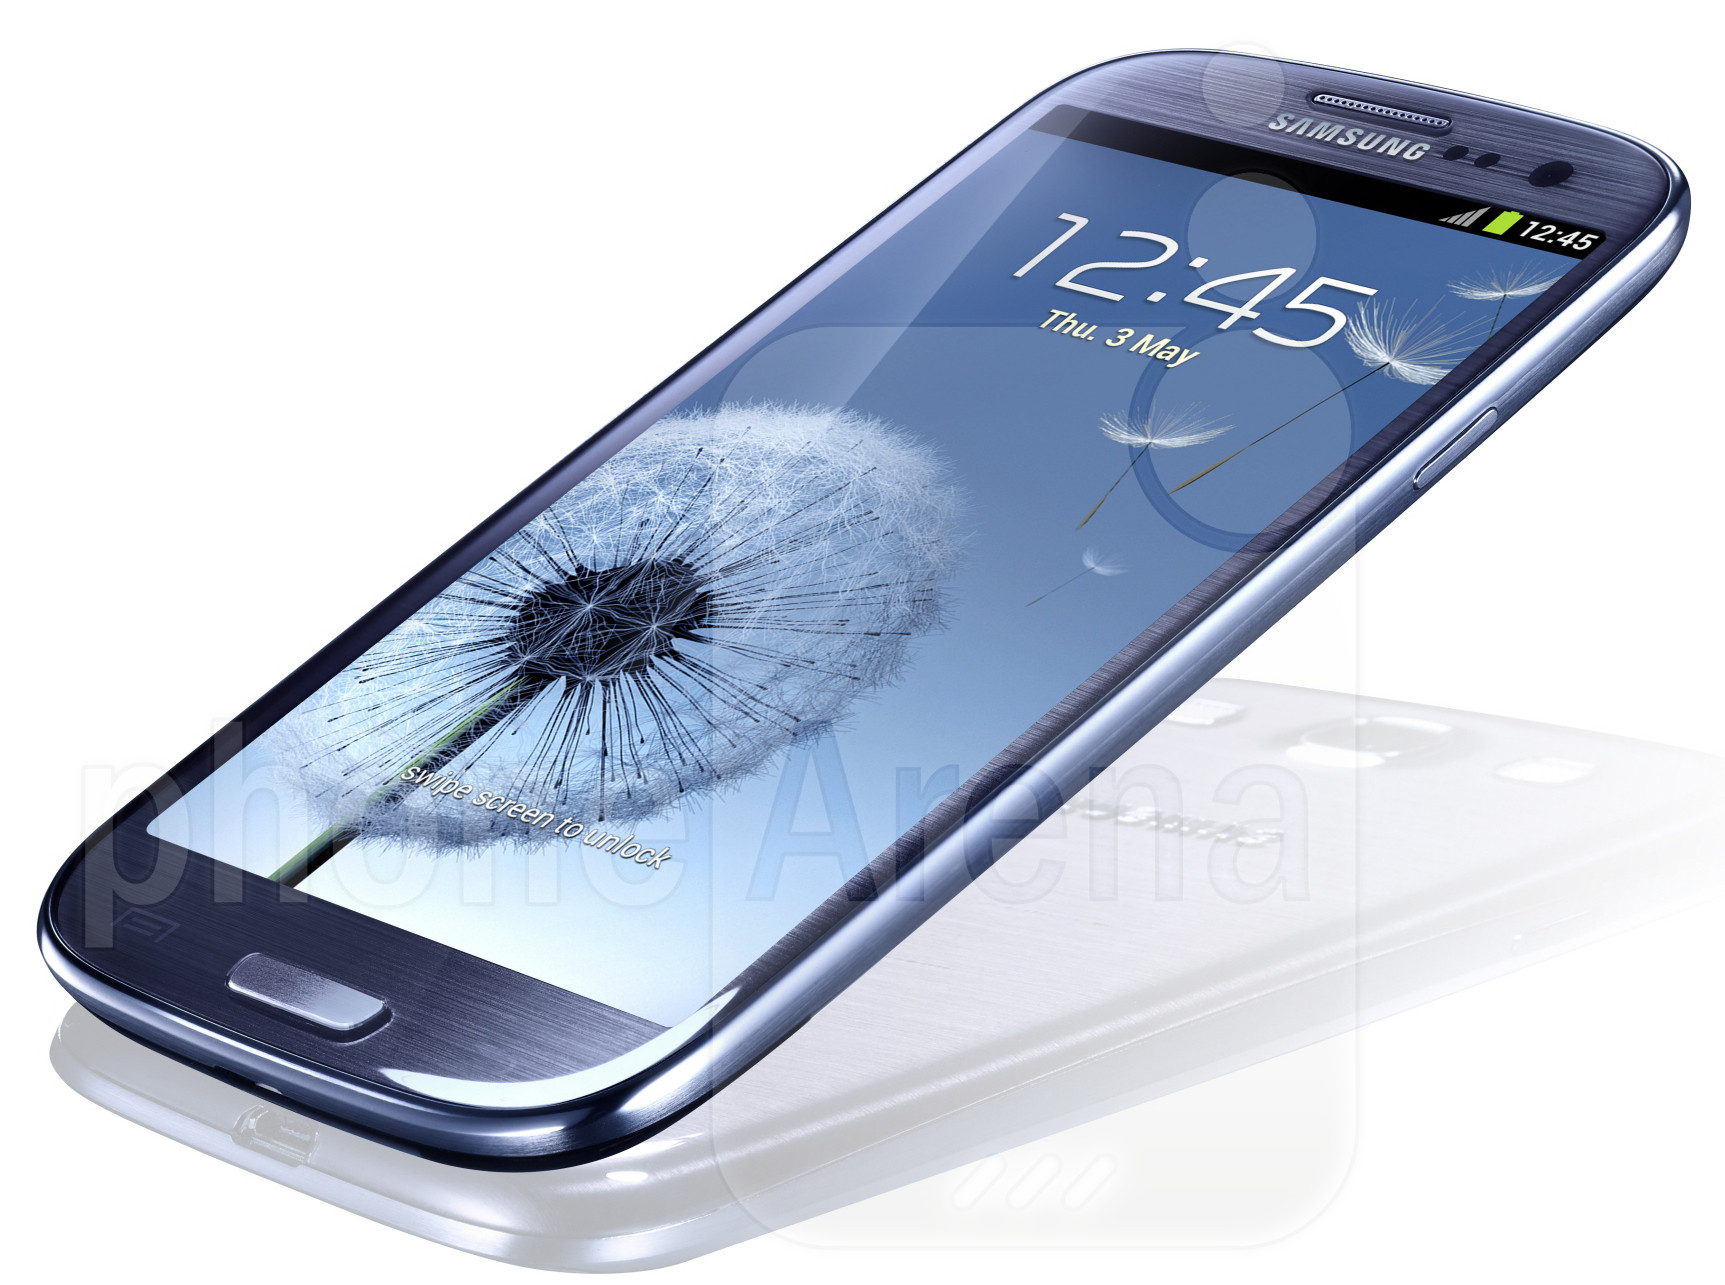 Samsung-Galaxy-S-III-10ad